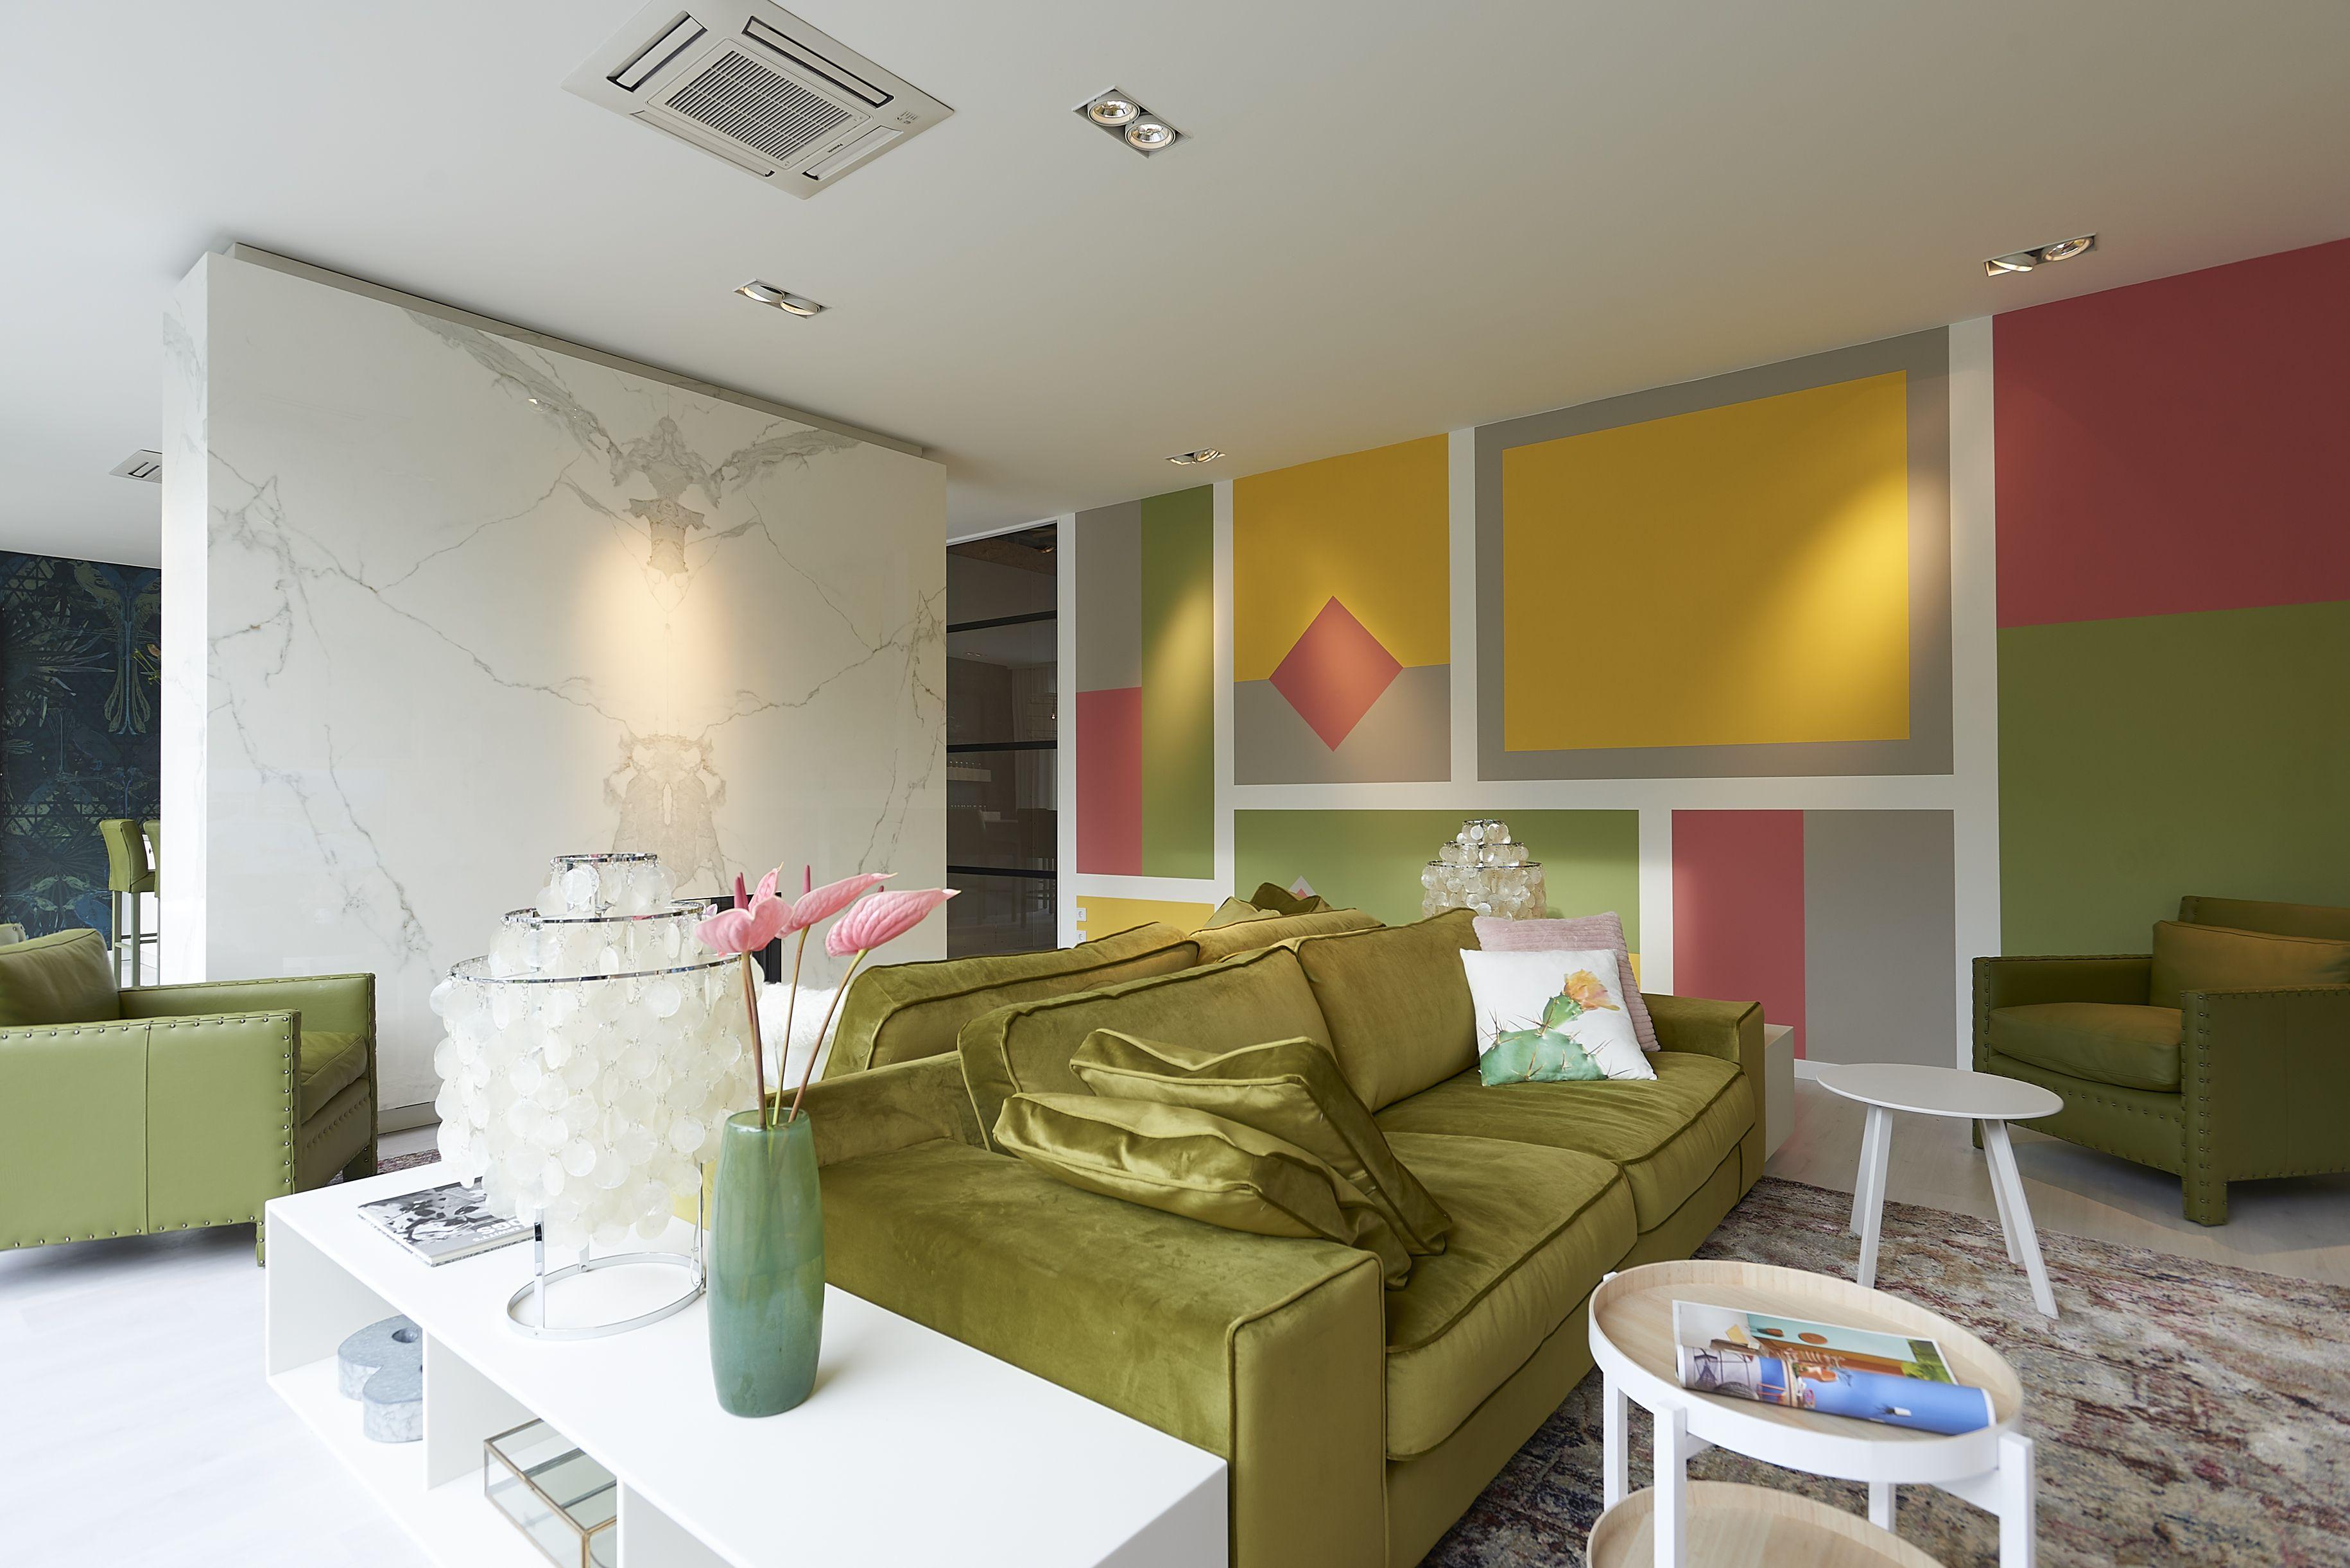 Jacco bakker side table interieur living rooms